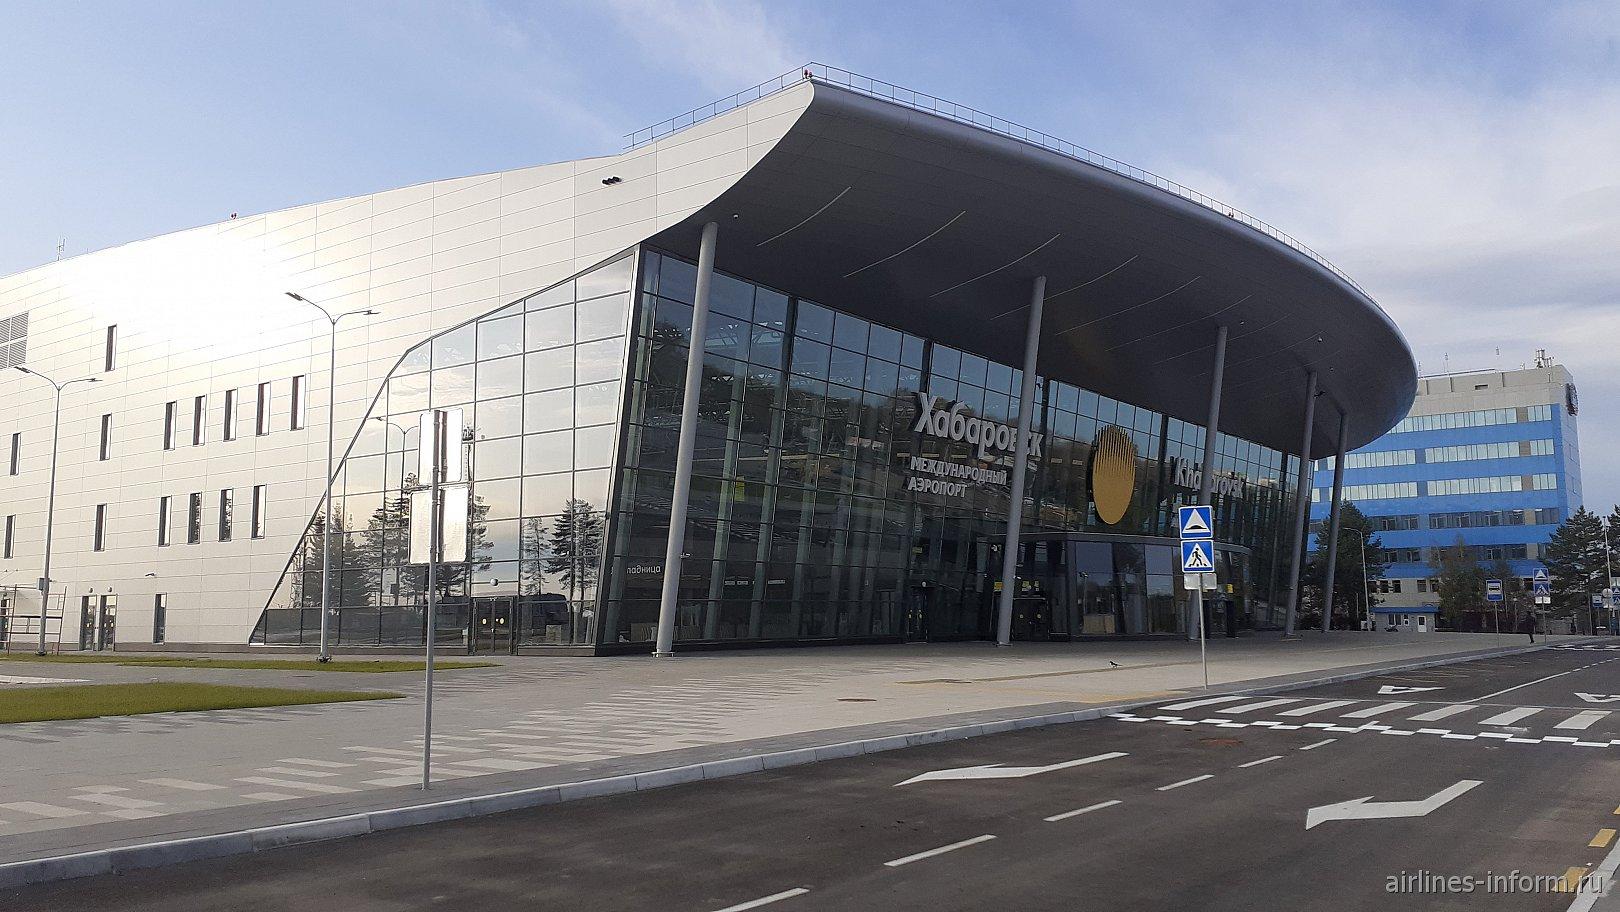 Новый терминал внутренних линий аэропорта Хабаровск